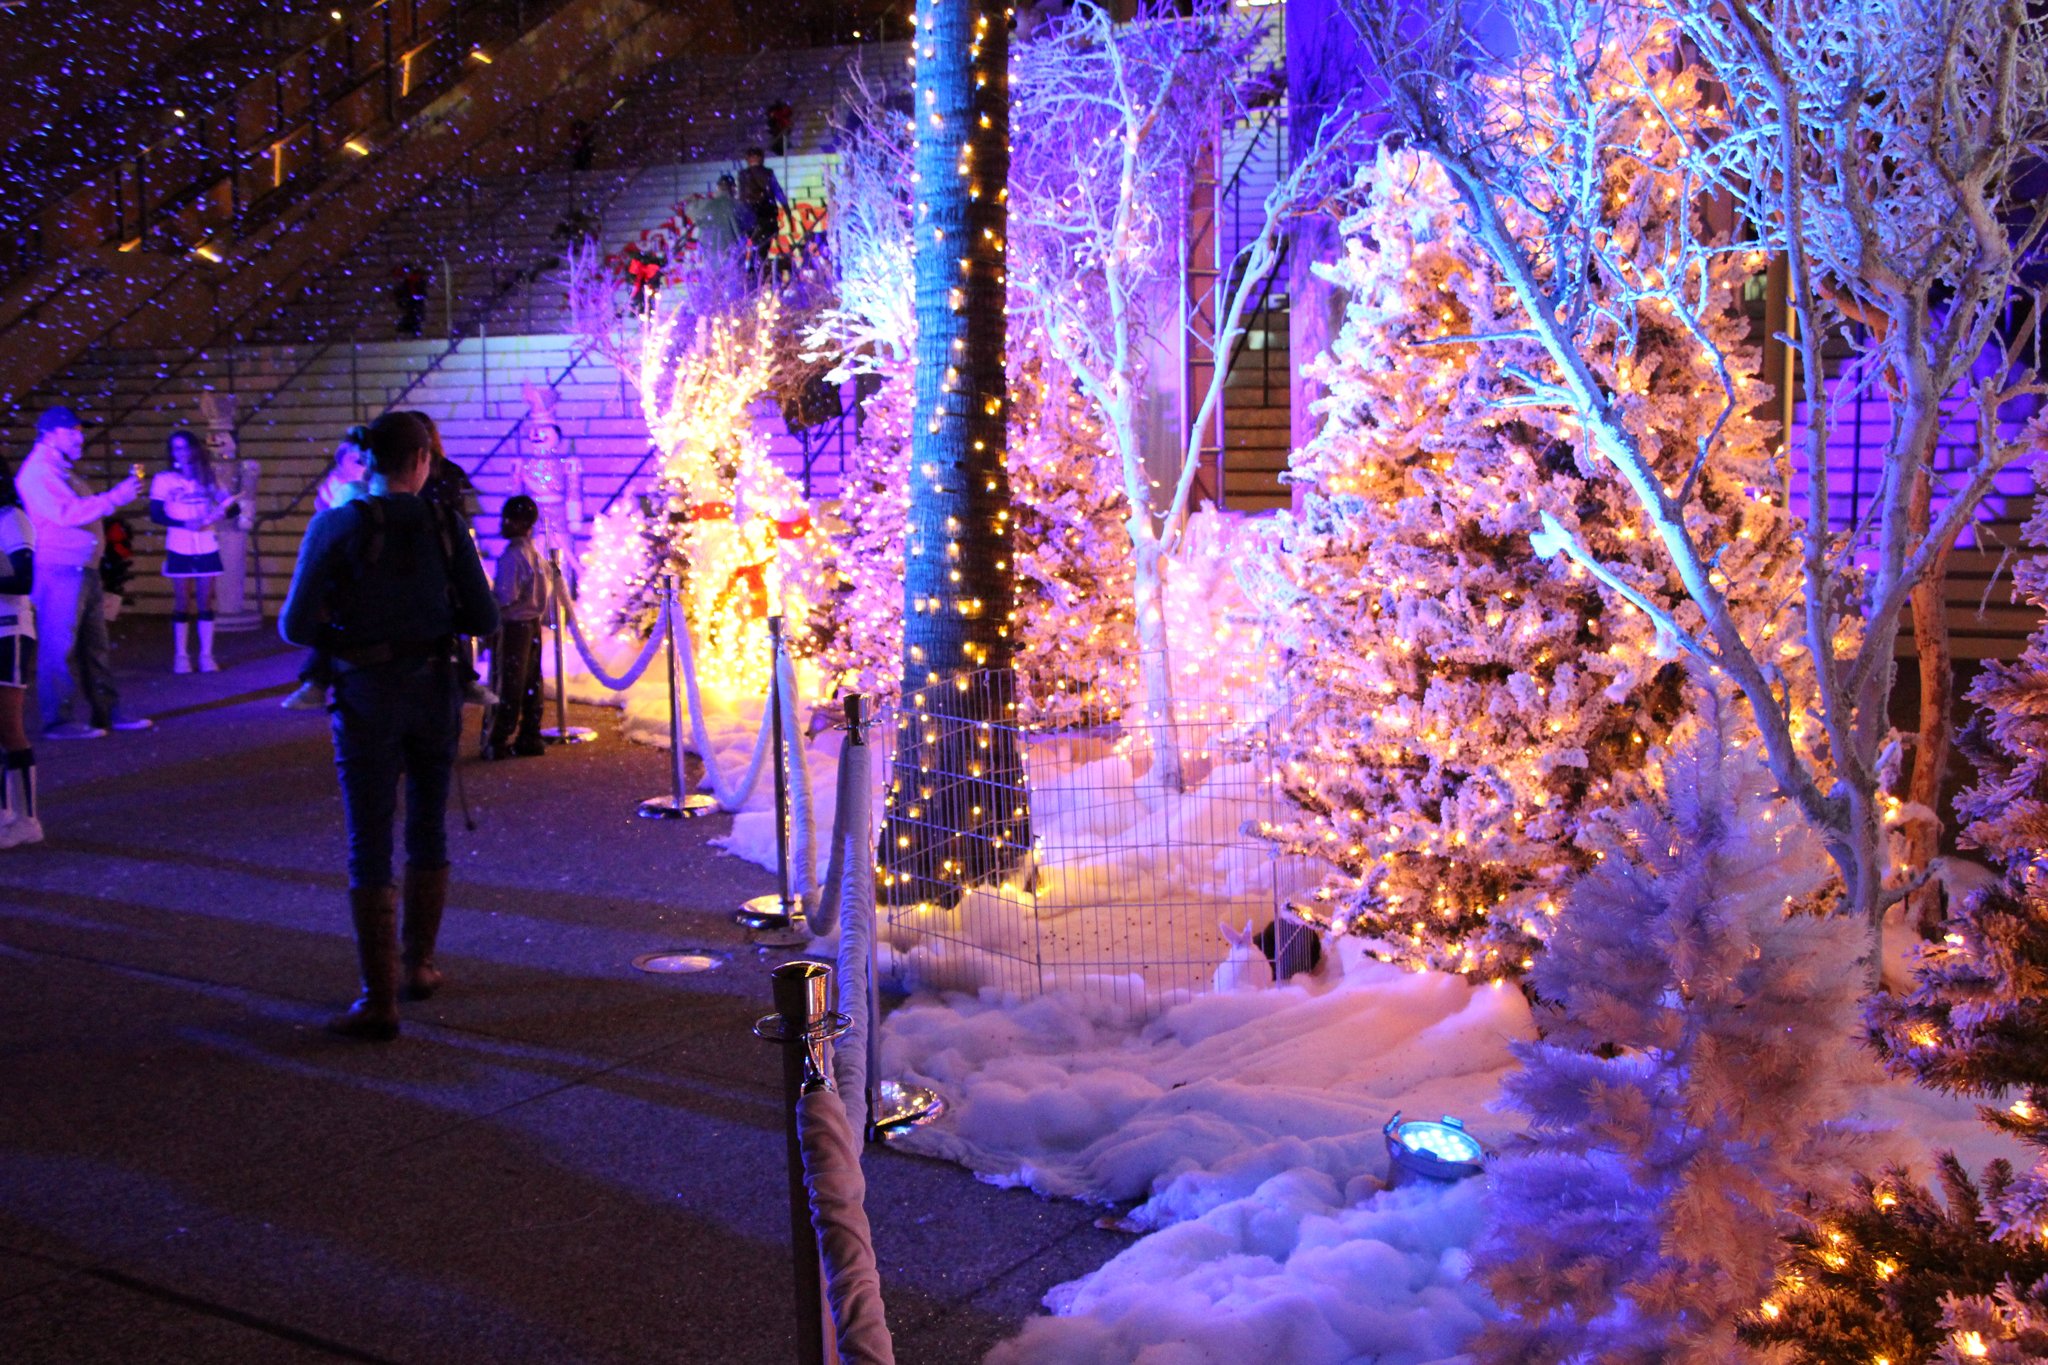 2015 Holiday Wonderland at Petco Park